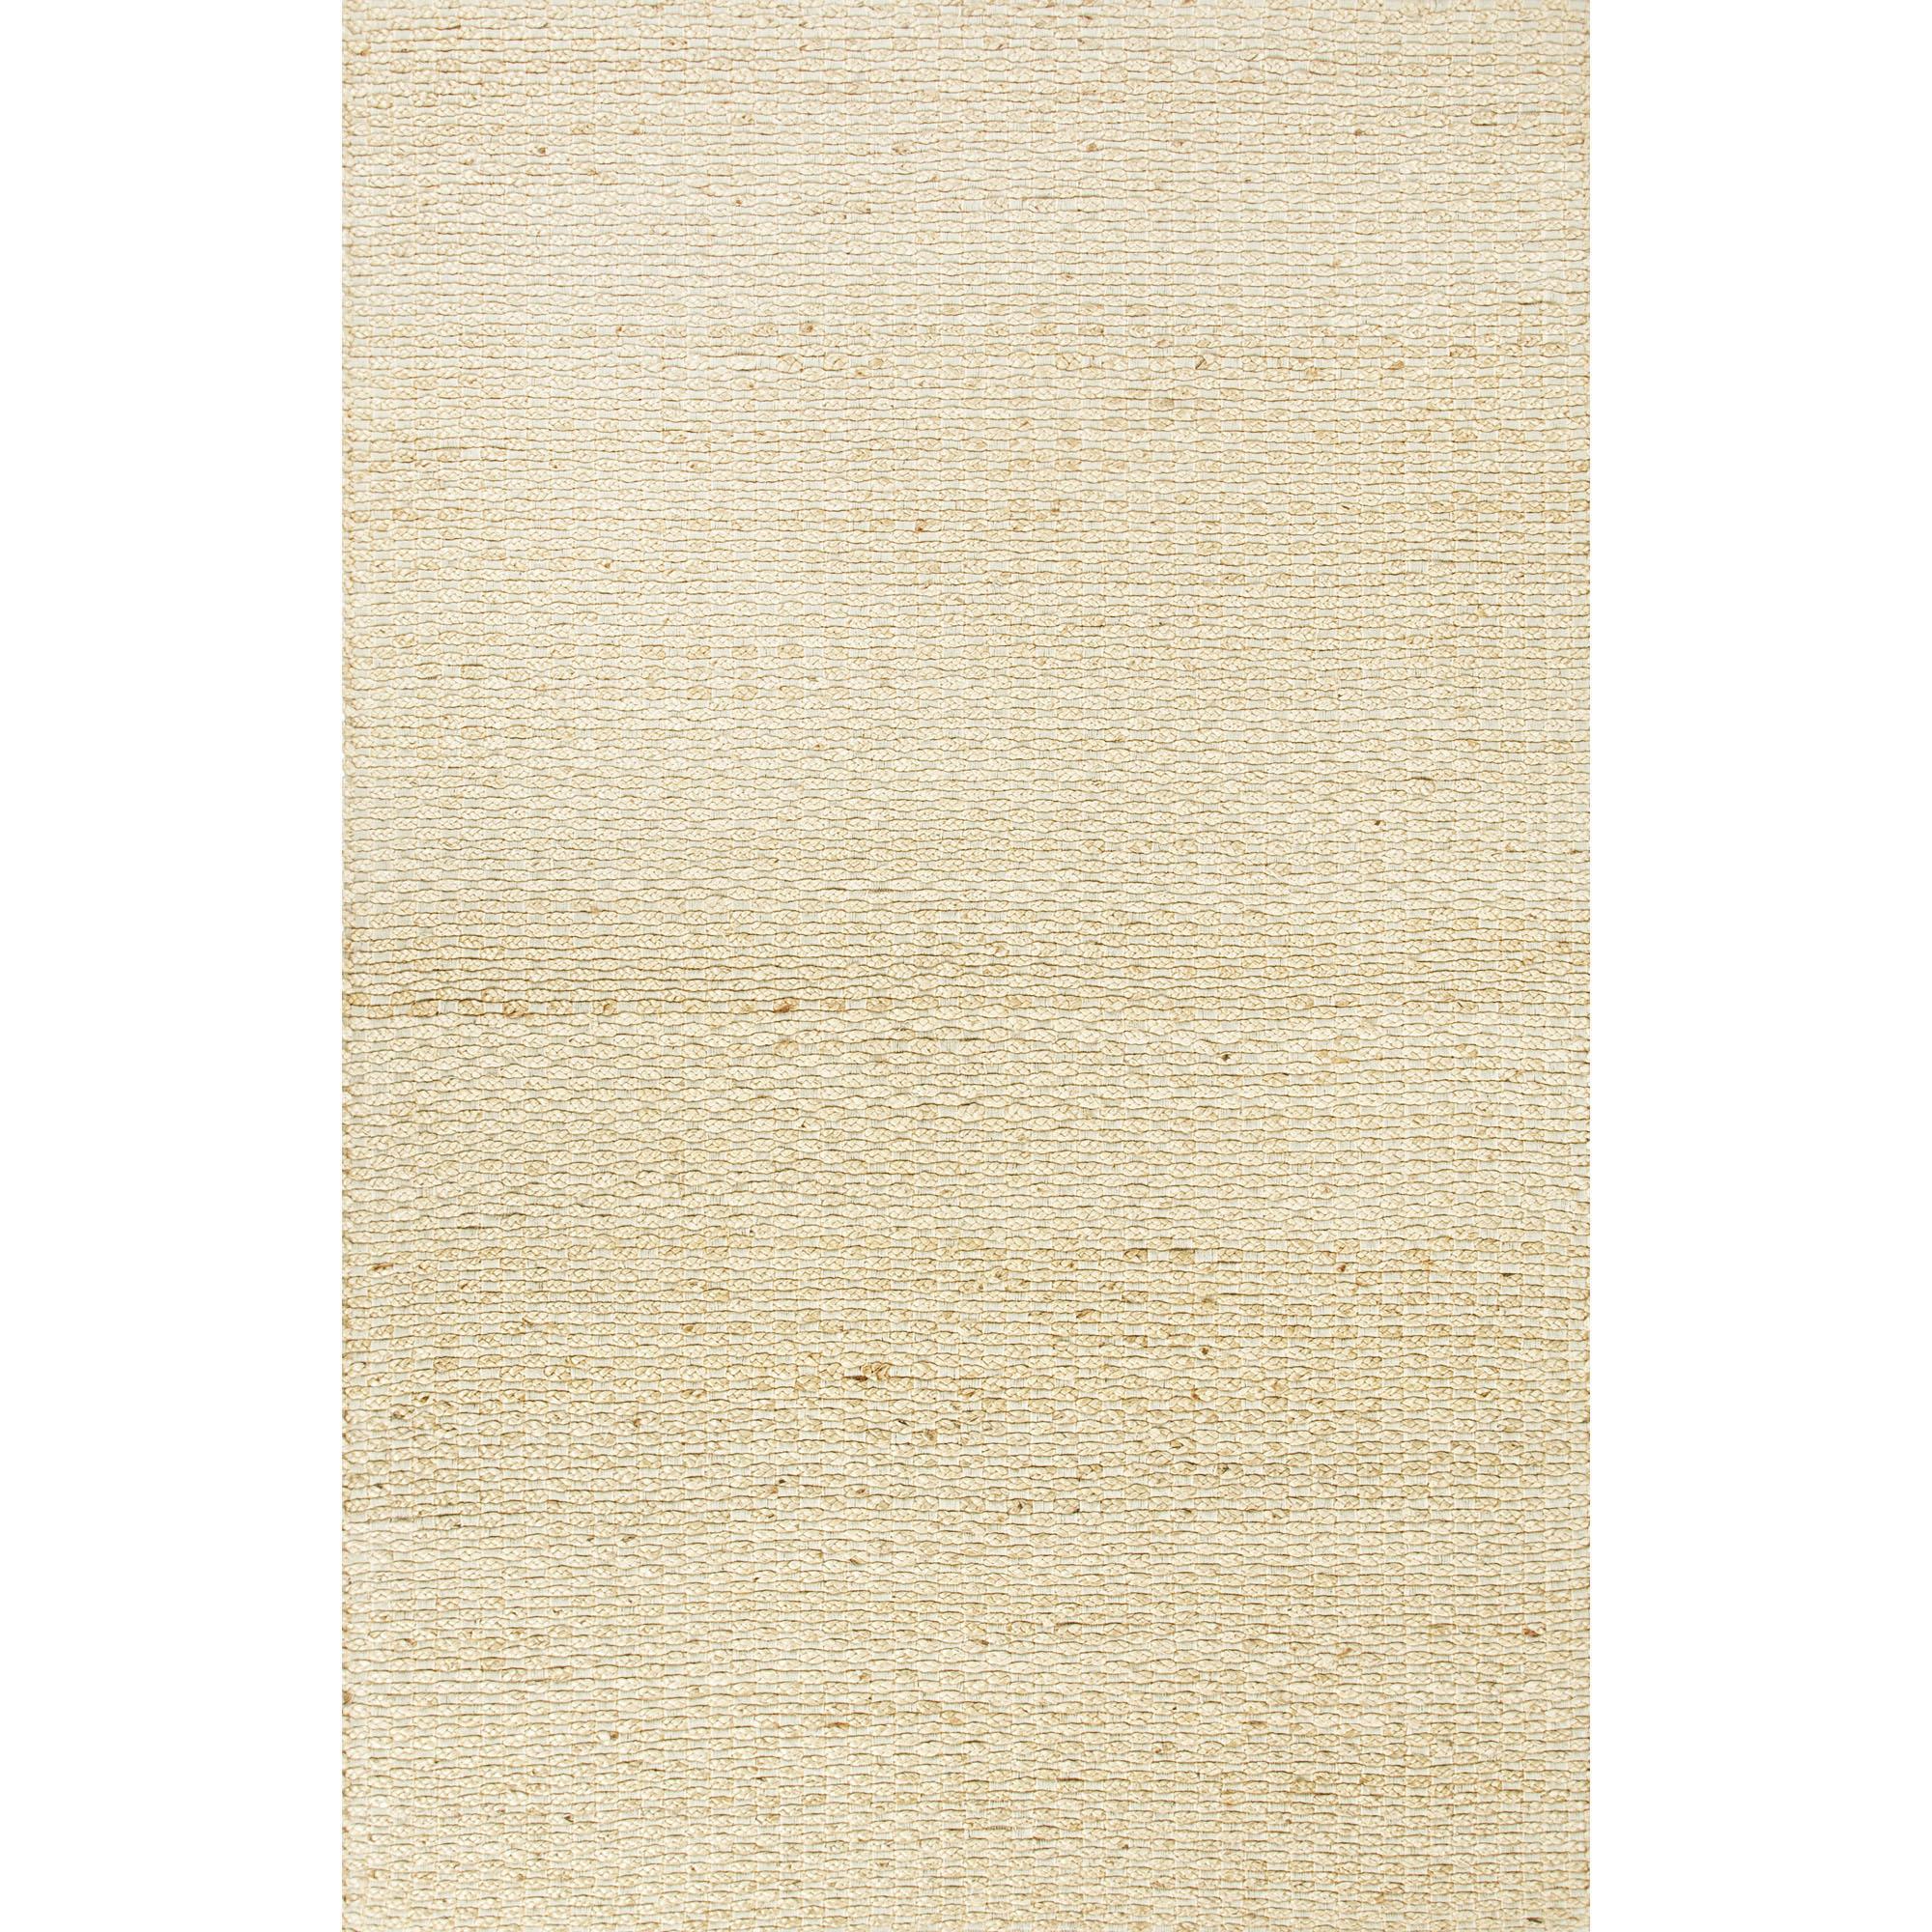 JAIPUR Rugs Andes 5 x 8 Rug - Item Number: RUG100013